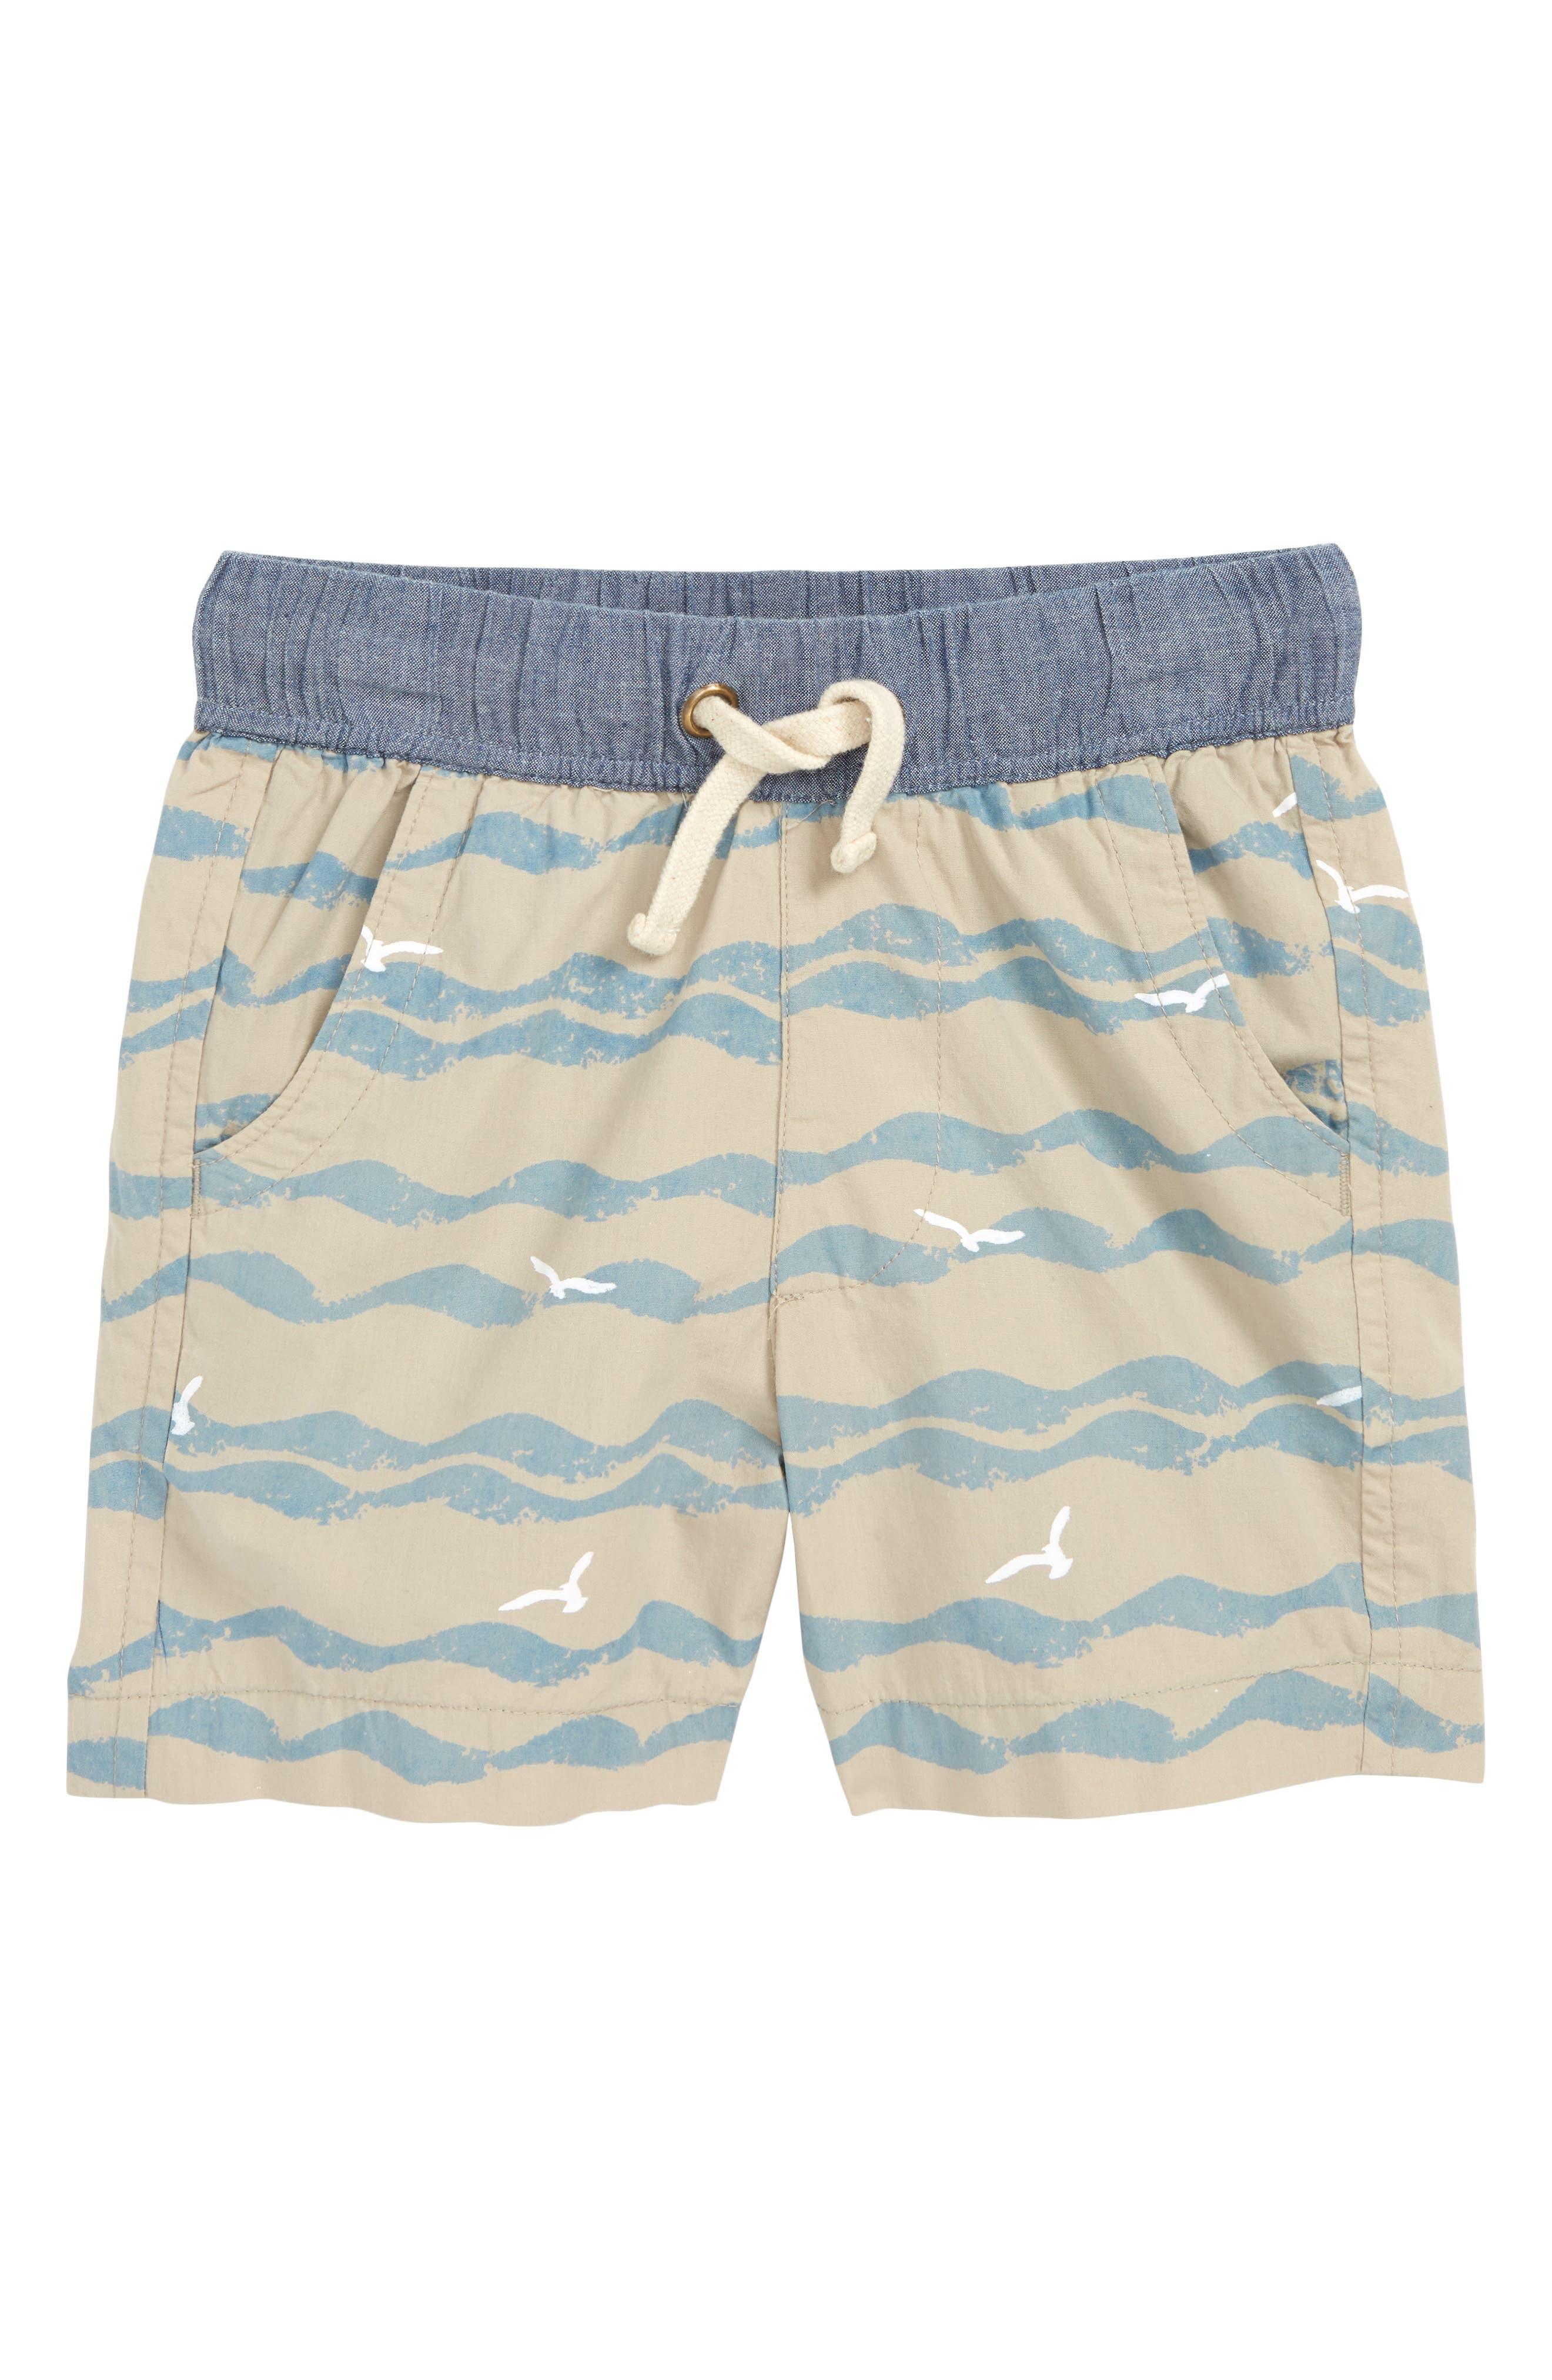 Seaside Shorts,                             Main thumbnail 1, color,                             GREY